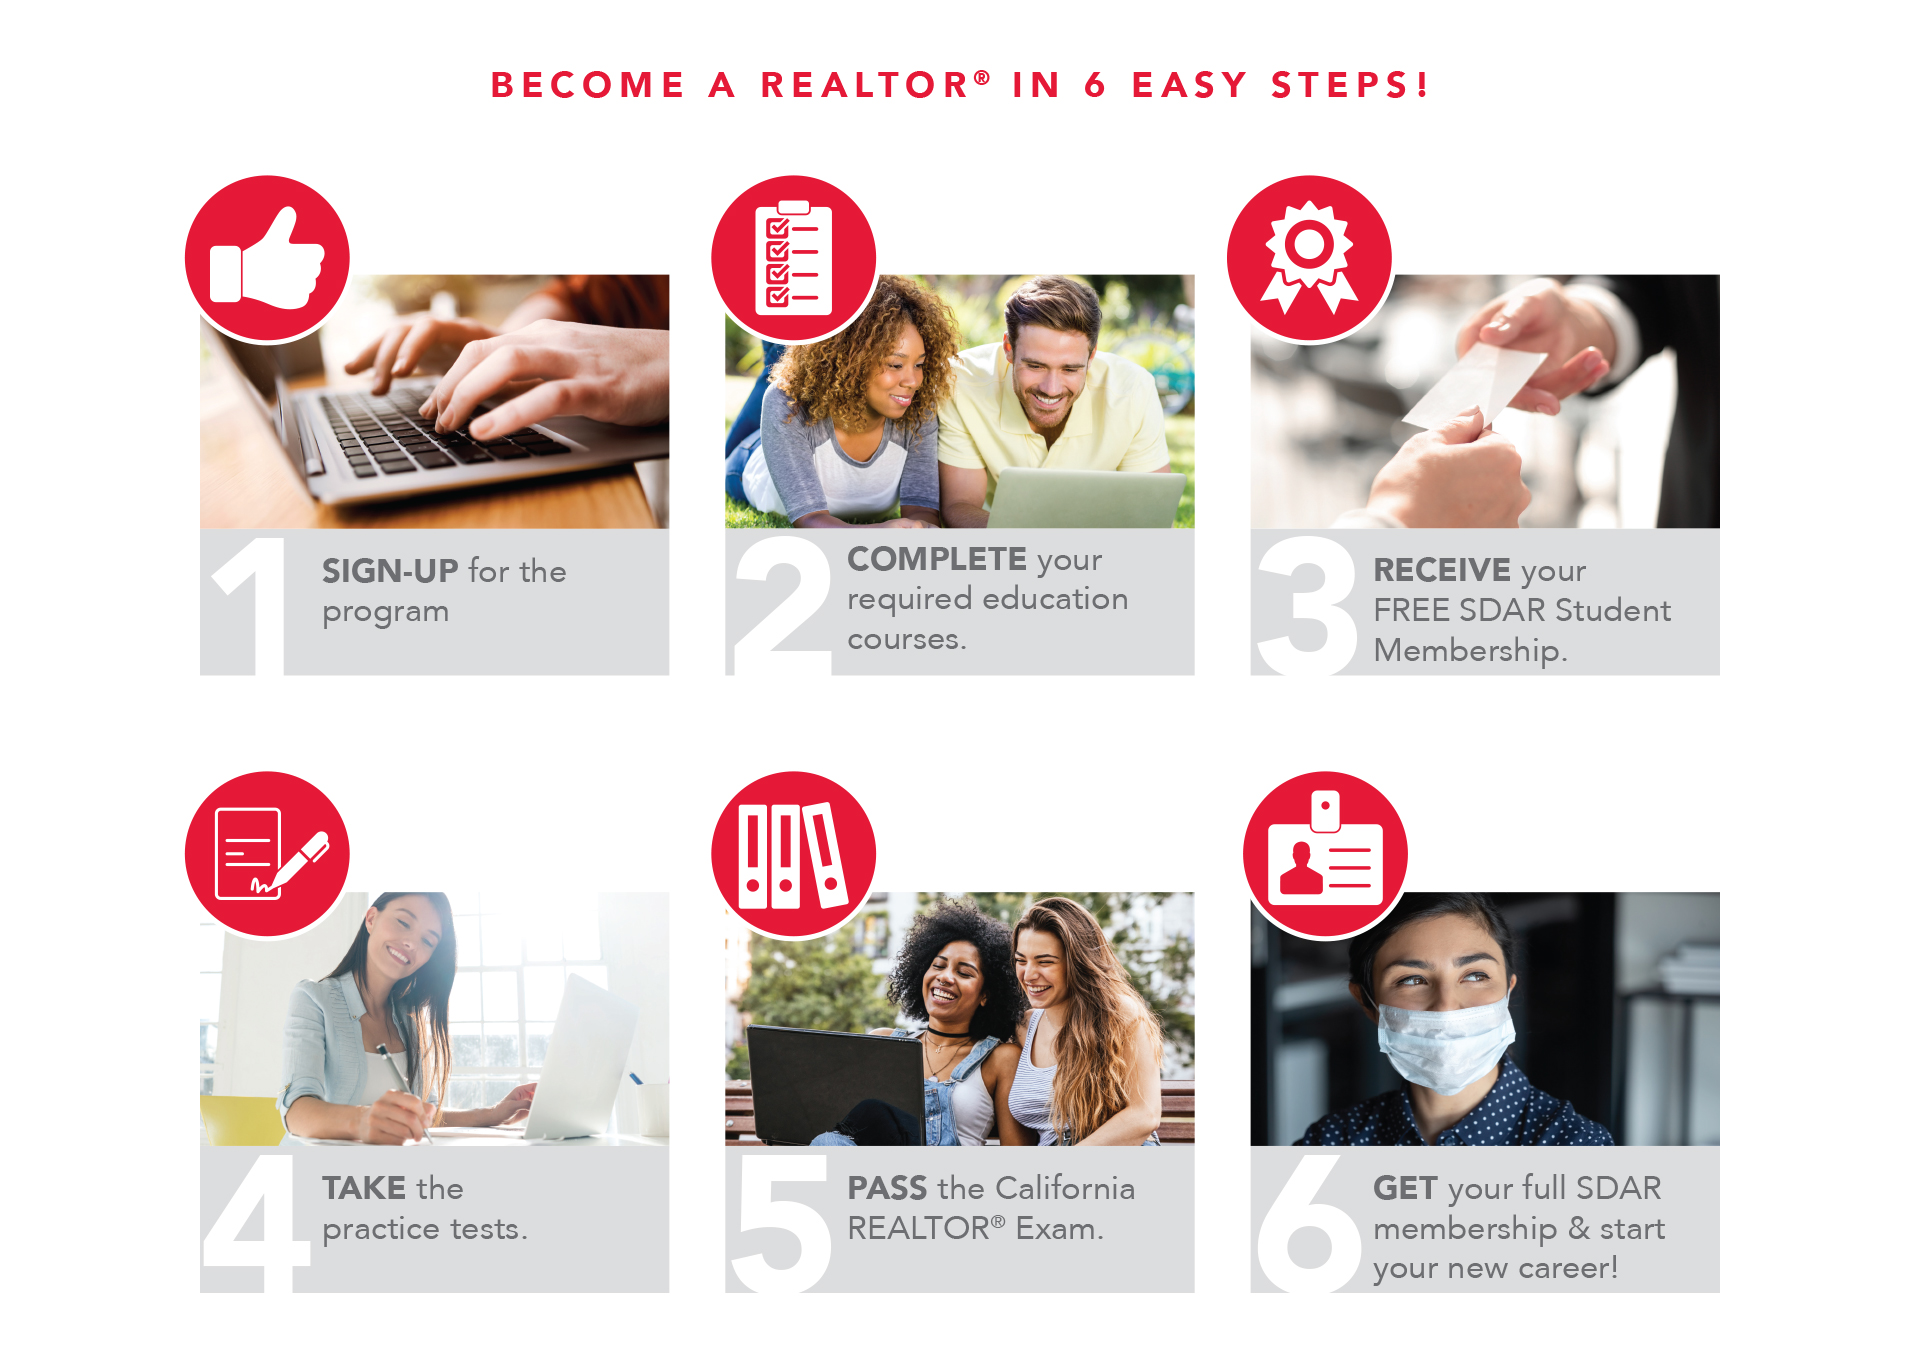 BecomeRealtor6-steps-3